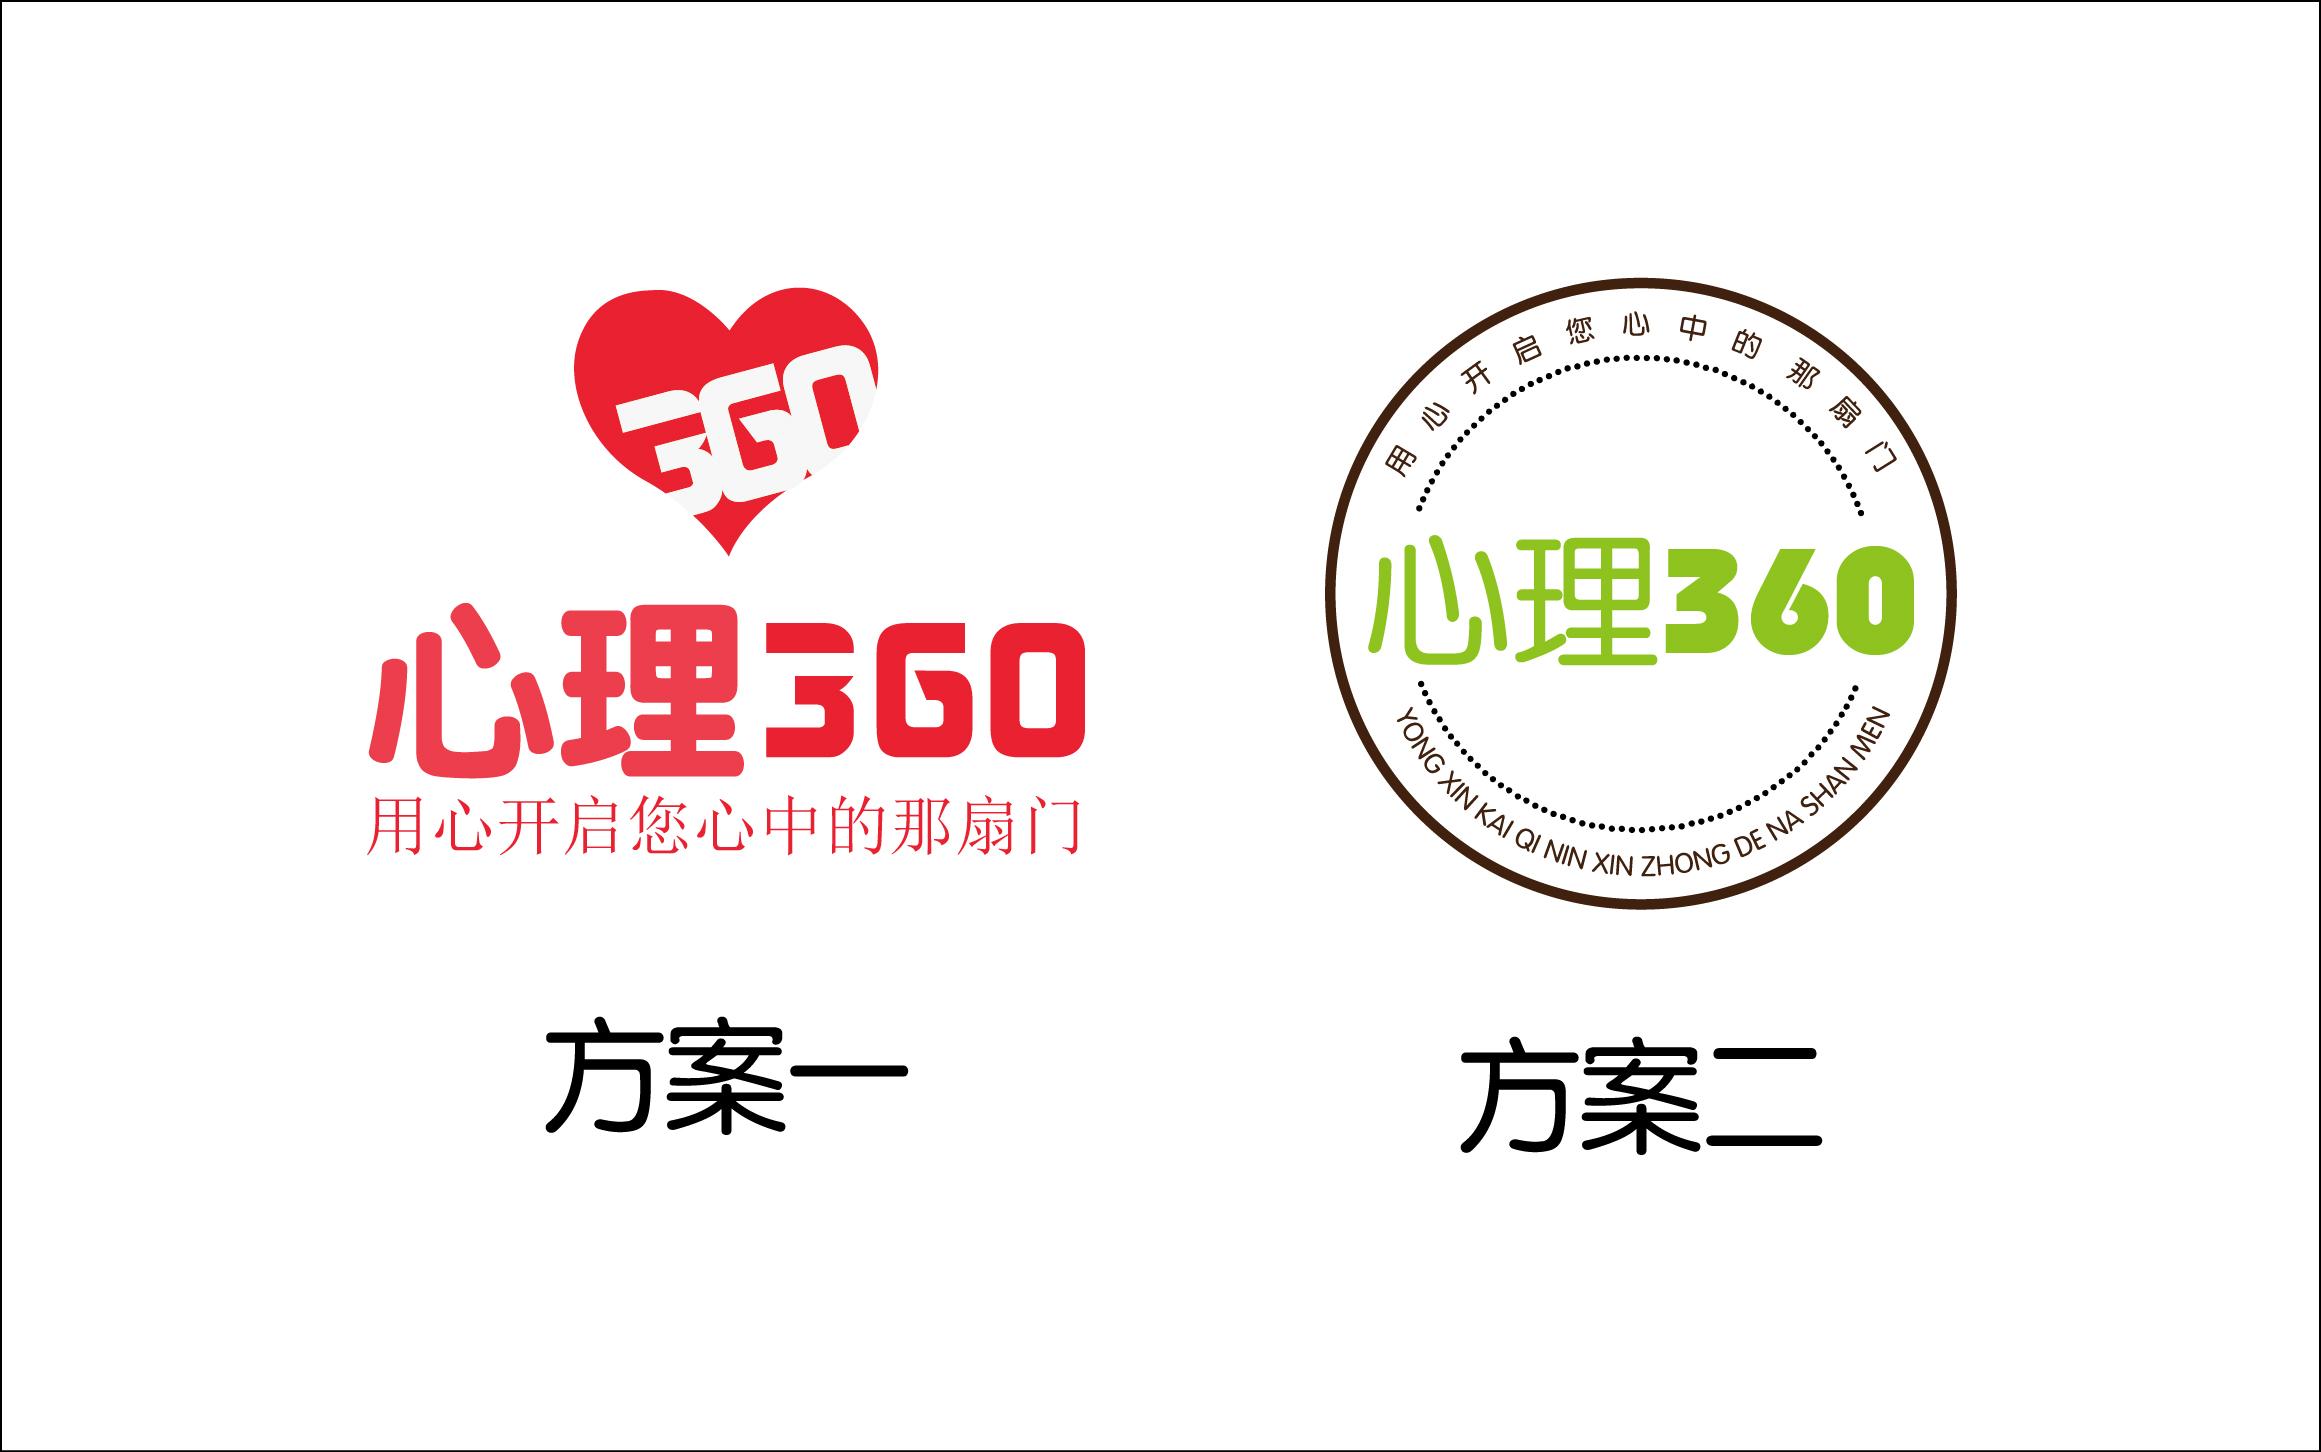 心理咨询中心创意标志设计展示_手机搜狐网